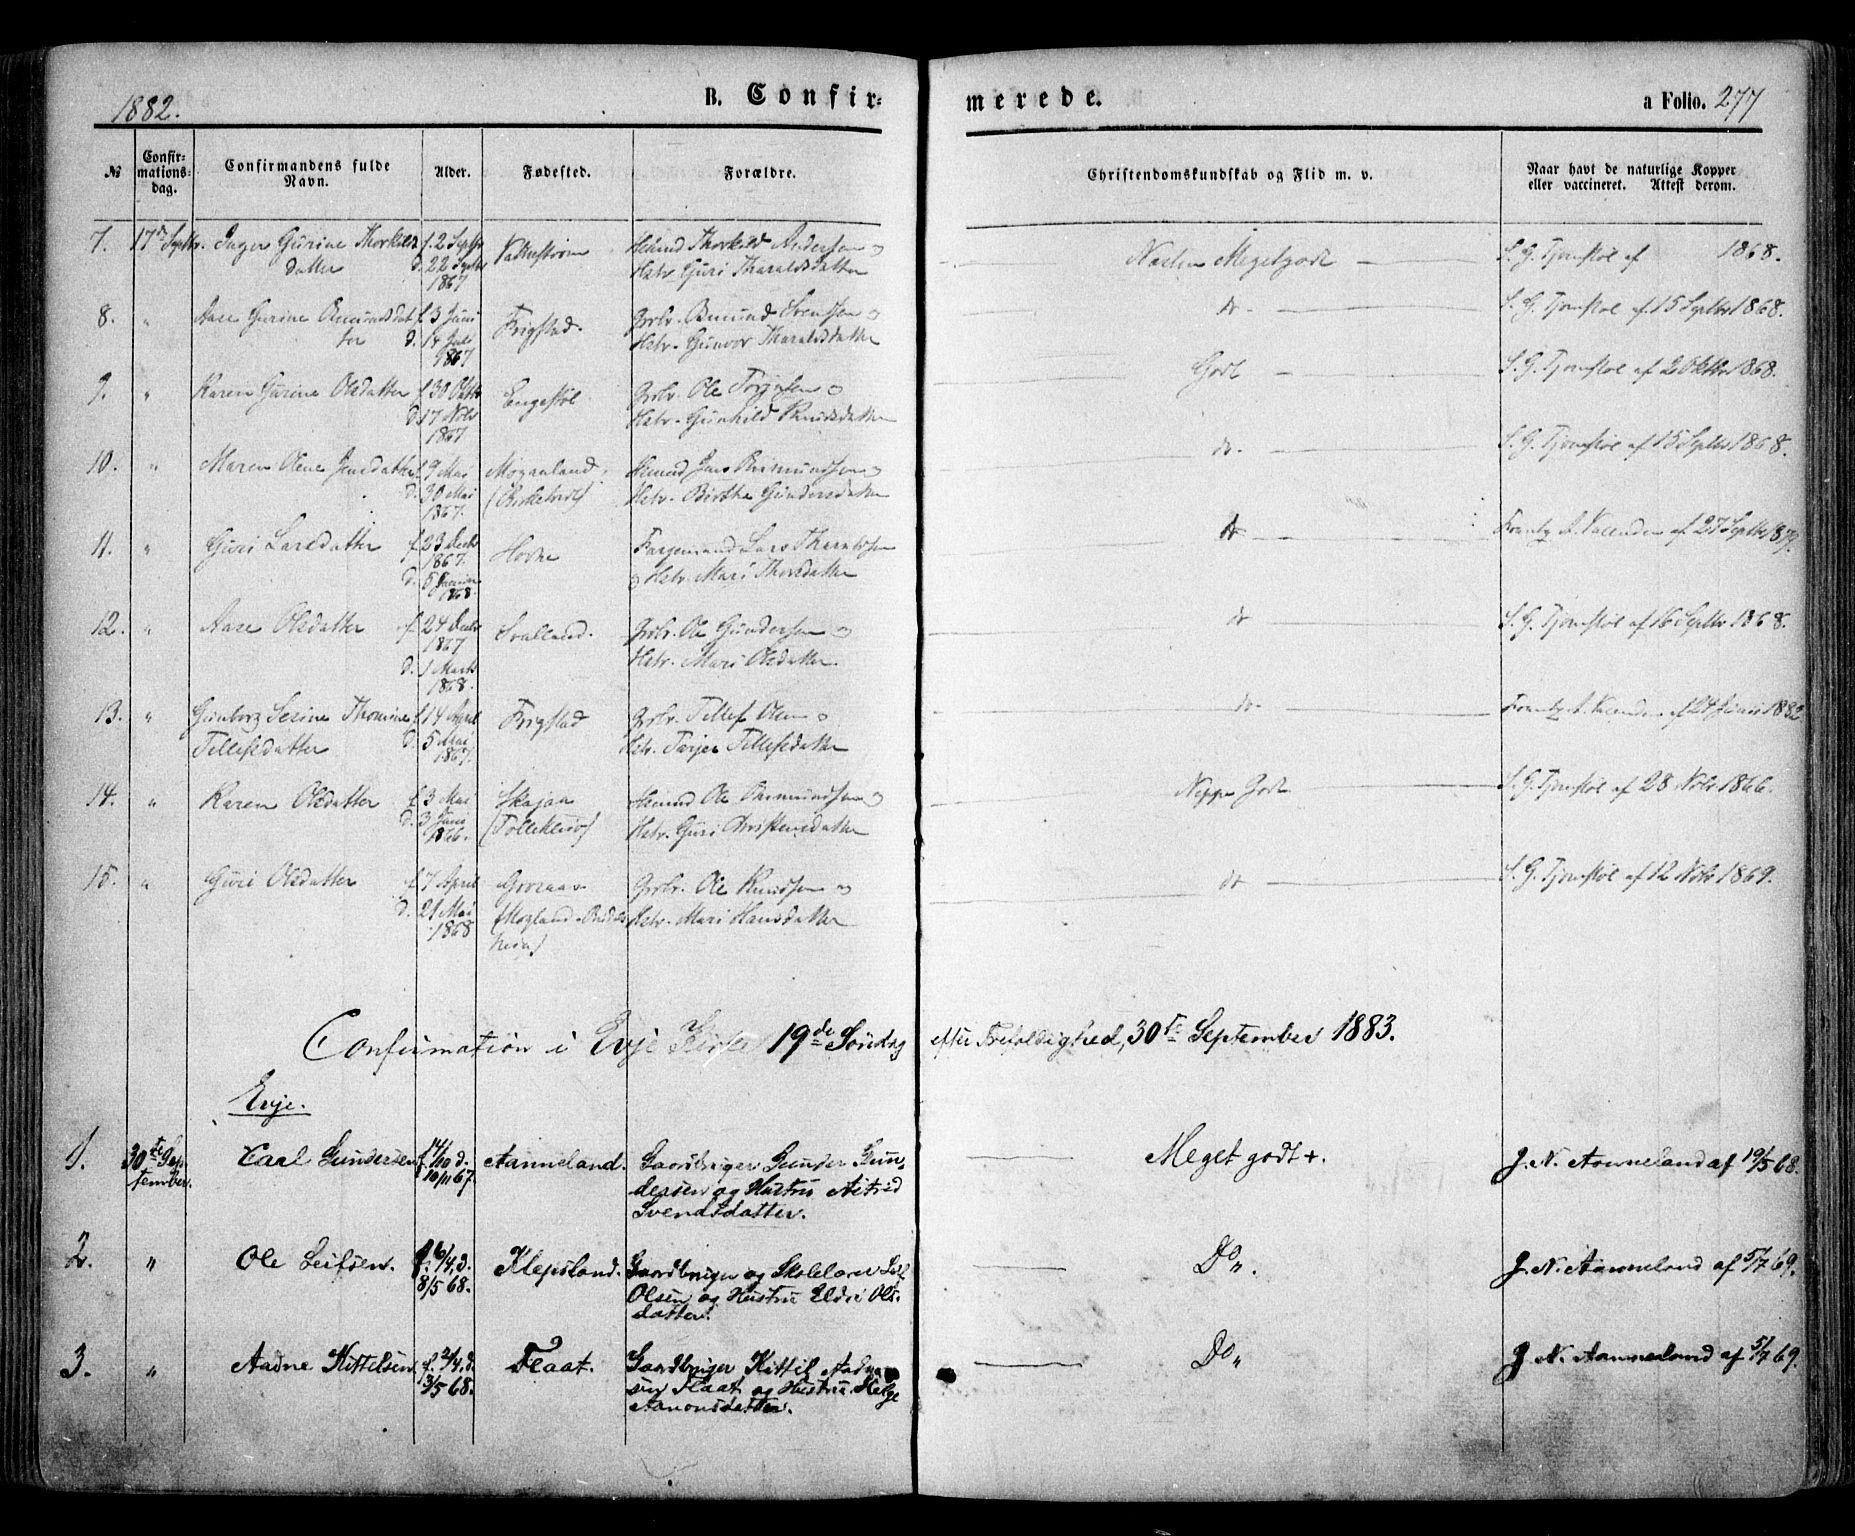 SAK, Evje sokneprestkontor, F/Fa/Faa/L0006: Ministerialbok nr. A 6, 1866-1884, s. 277